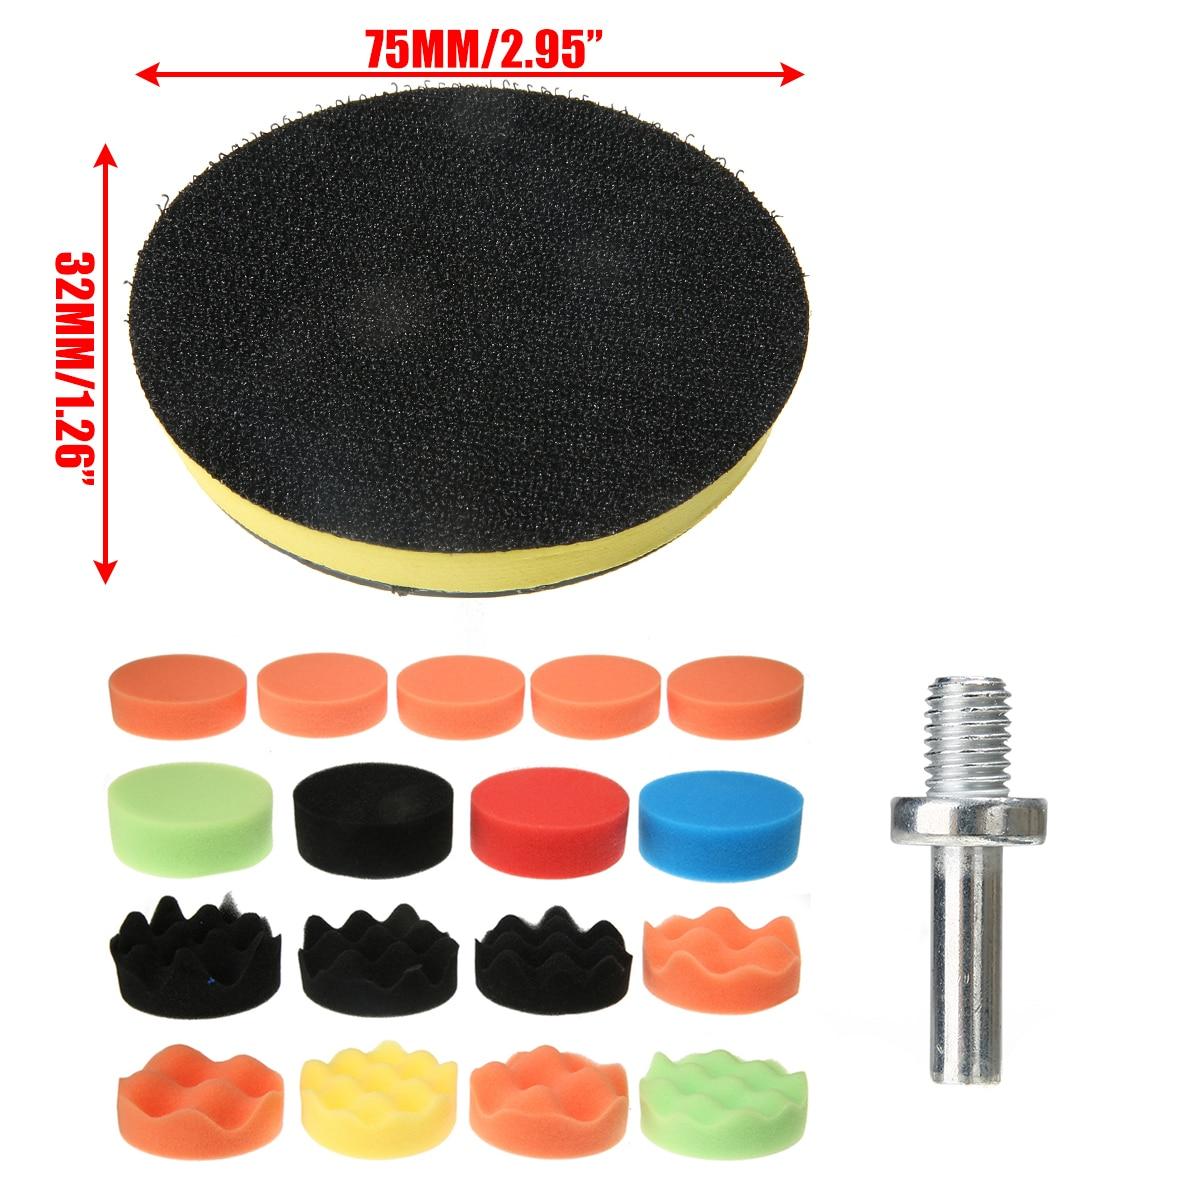 18Pcs 75mm Sponge Car Polishing Waxing Pad Buffing Kit Polishing Attachment Drill Polishing Pad Set For Boat Car Polisher Waxing